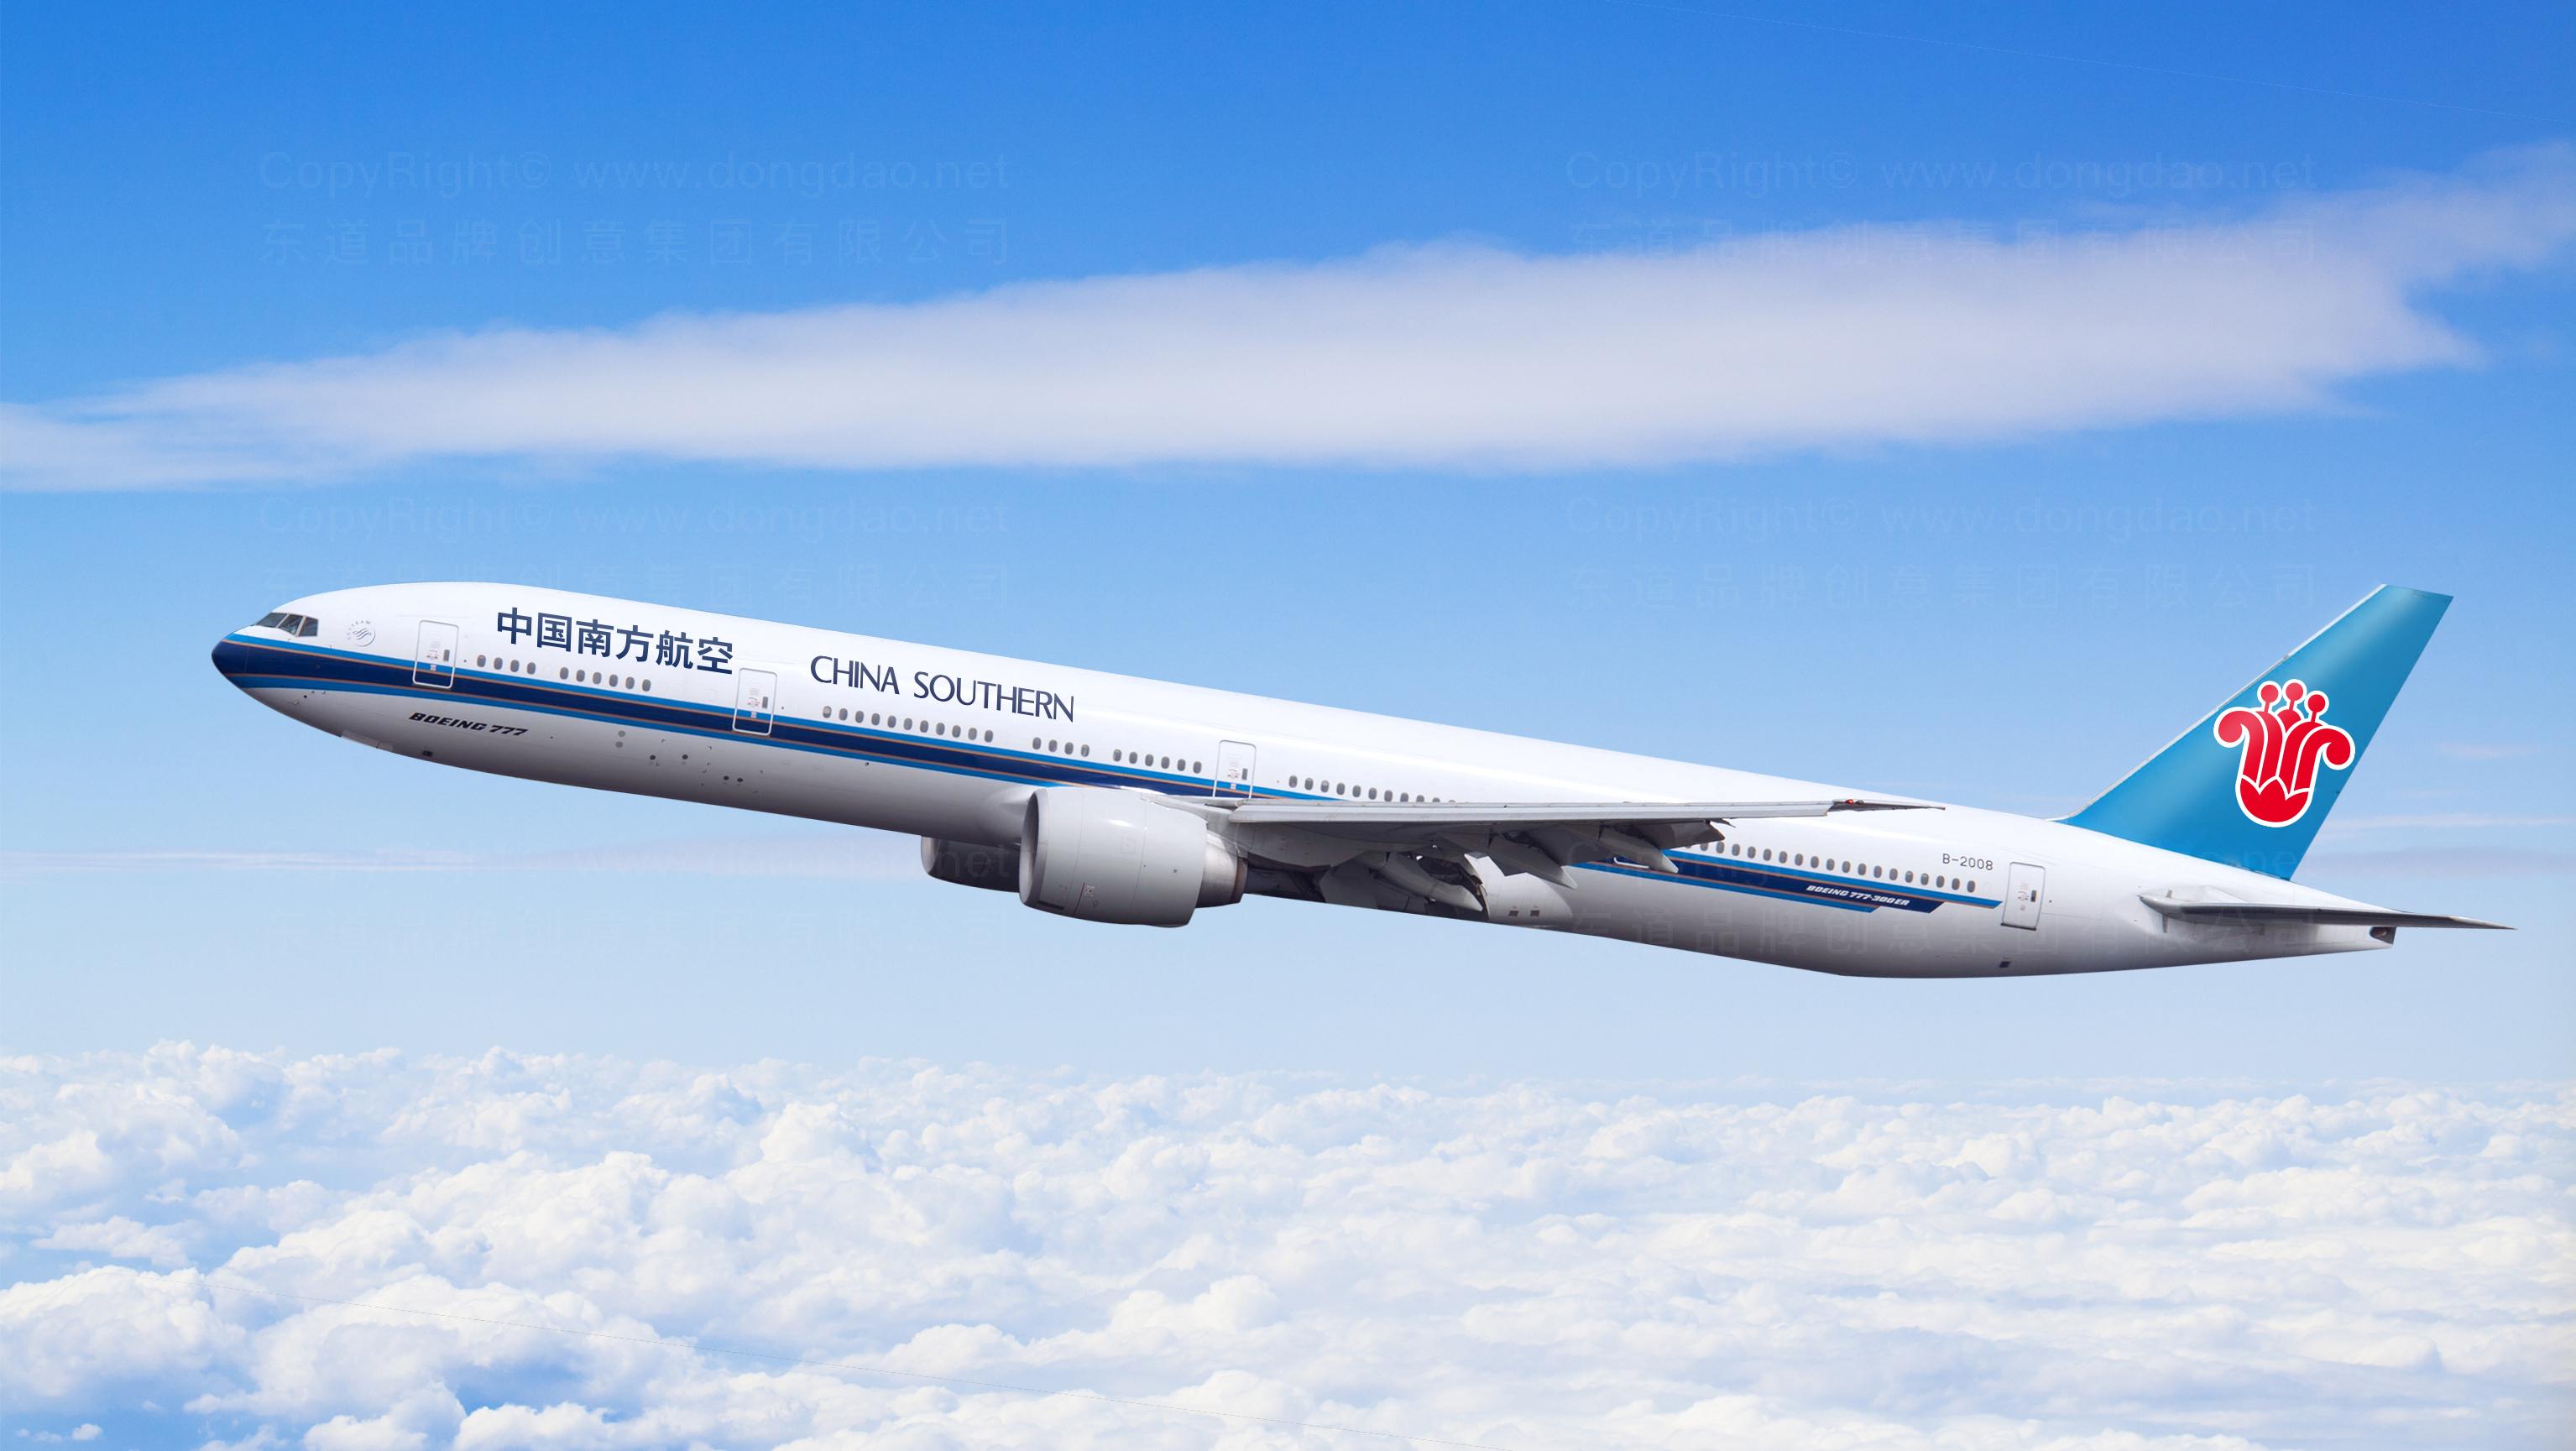 品牌设计案例南方航空VI设计